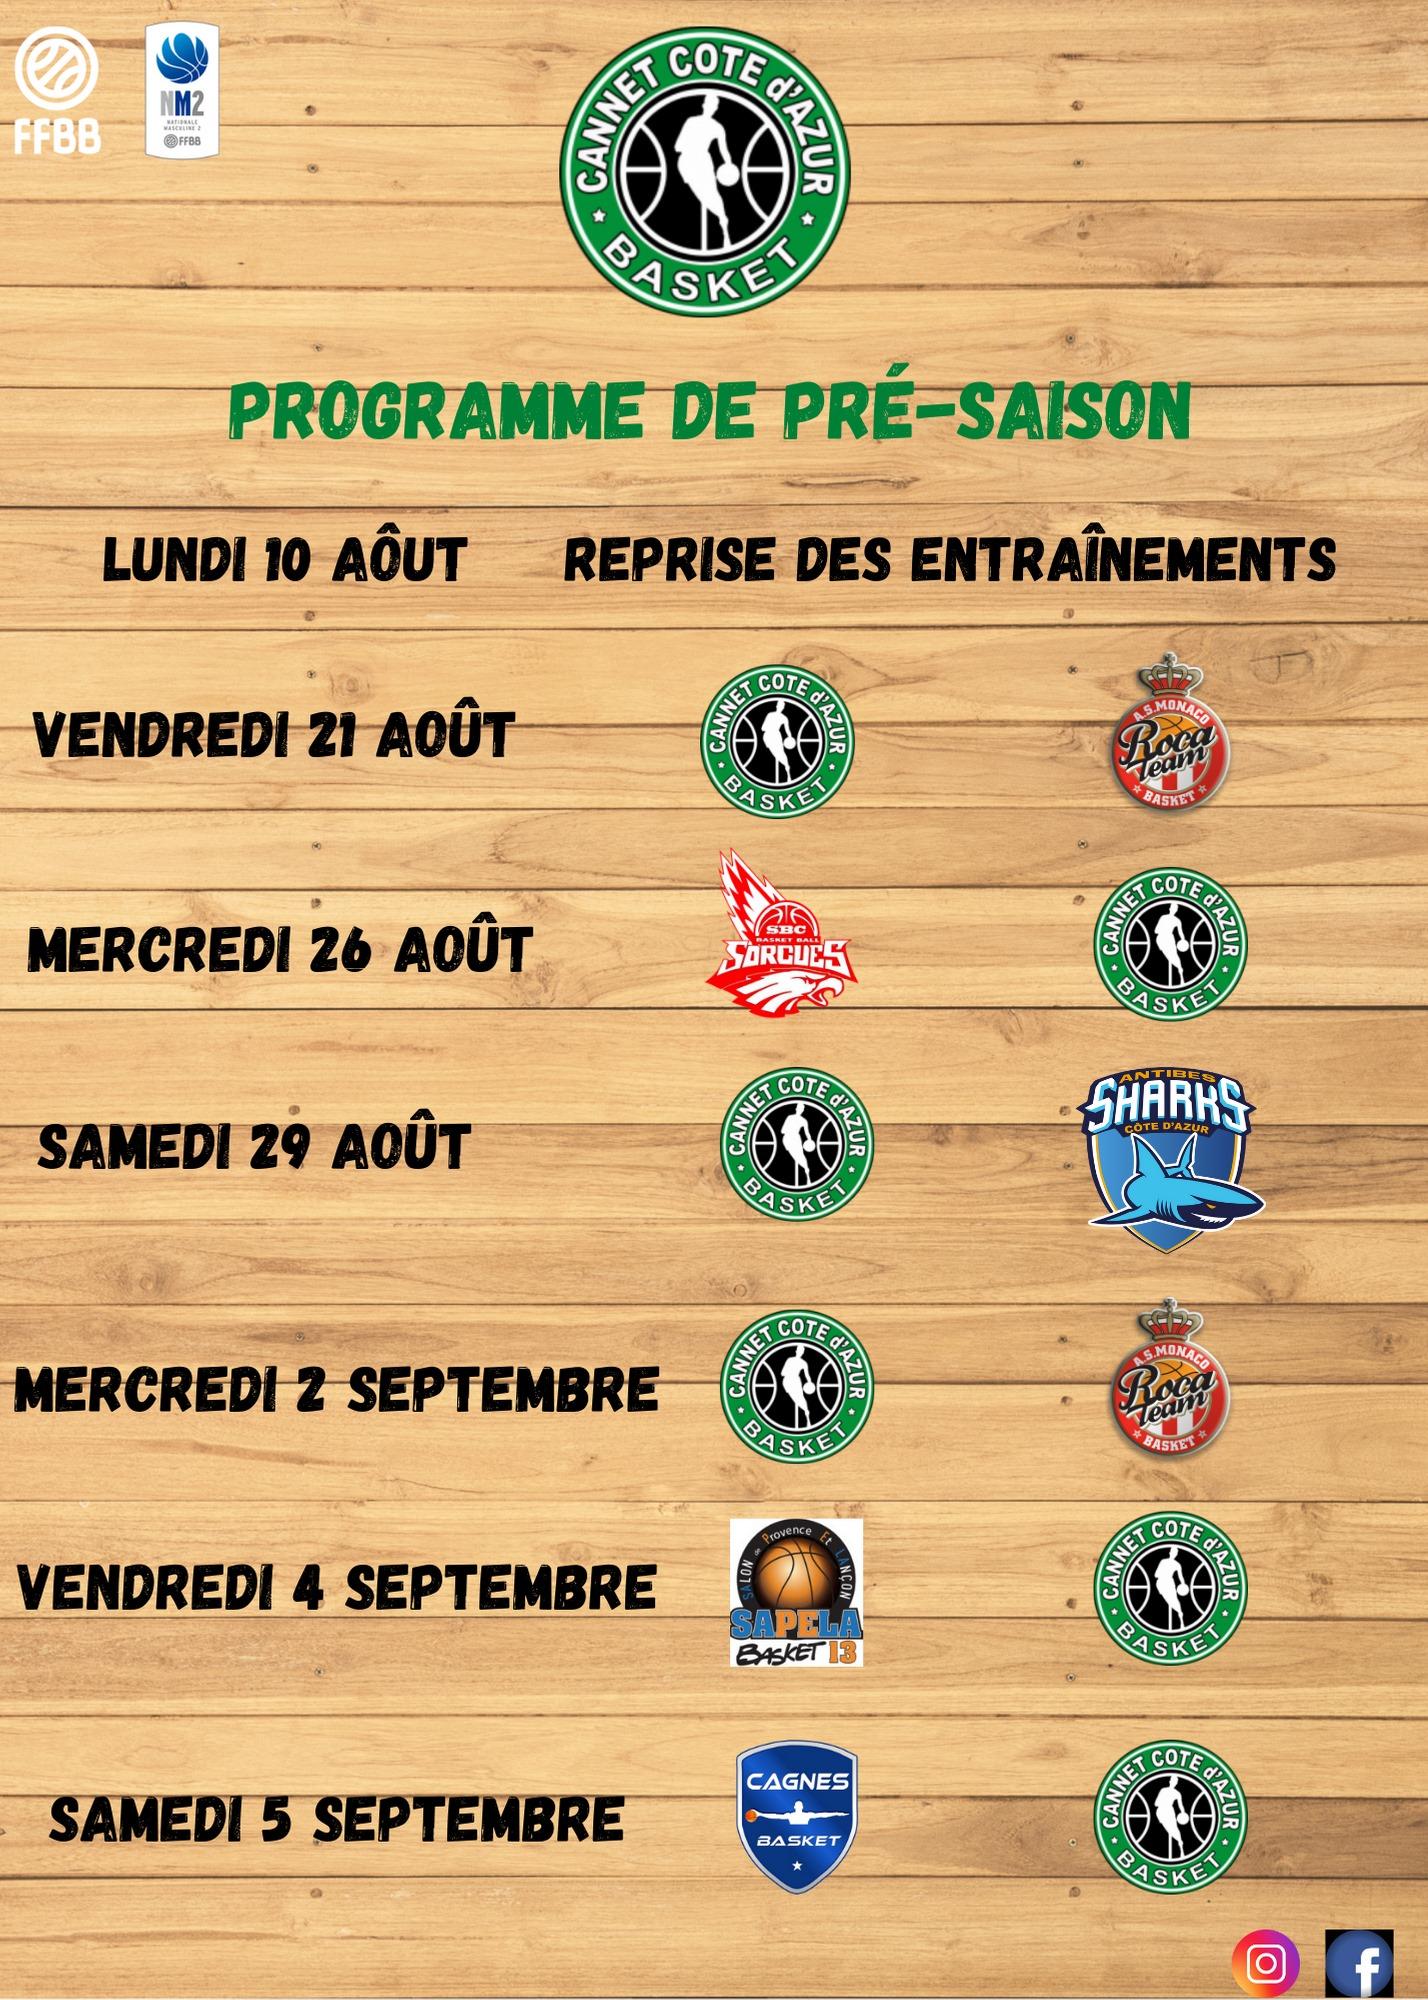 Programme de Pré-saison NM2